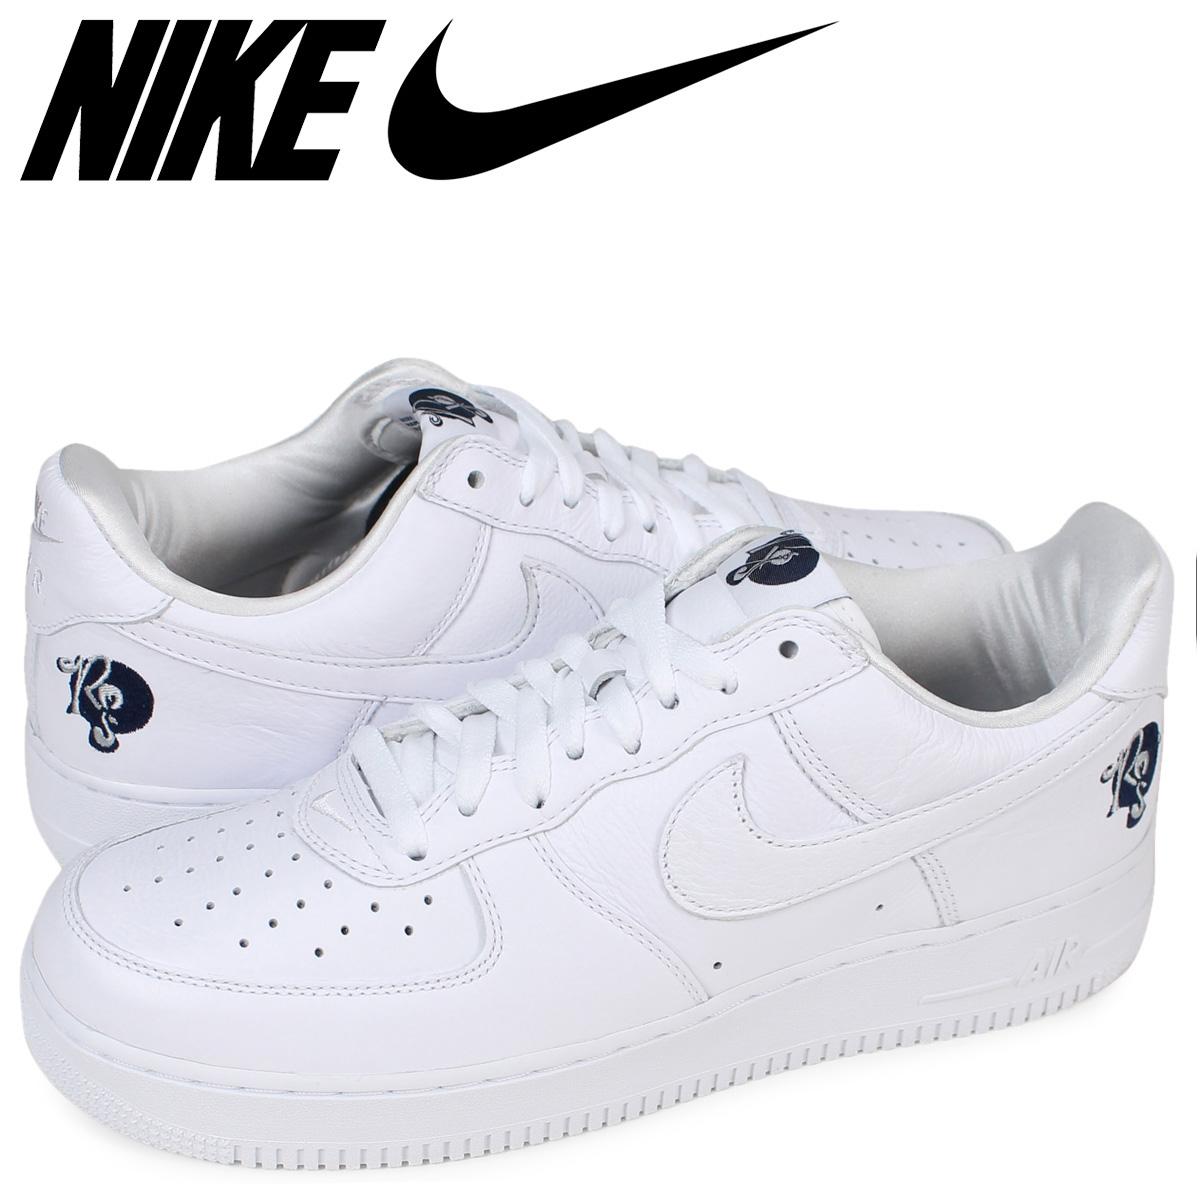 NIKE ナイキ エアフォース1 スニーカー AIR FORCE 1 07 ROCAFELLA A01070-101 メンズ 靴 ホワイト 【zzi】